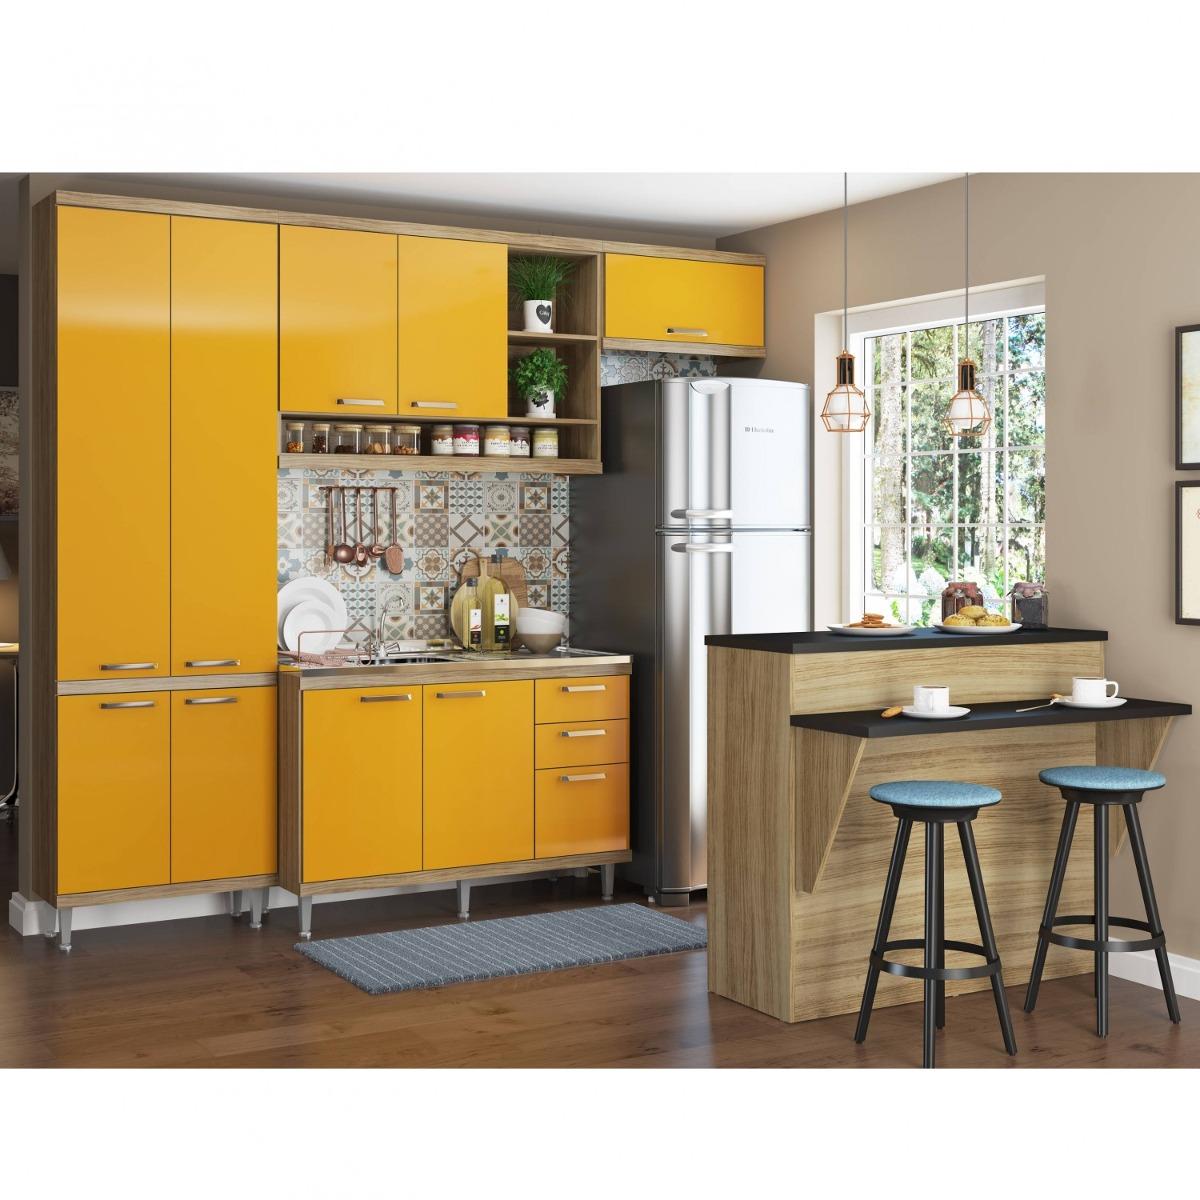 Cozinha Completa Com Bancada E Balc O Sem Tampo 5 Egwt R 1 775 90